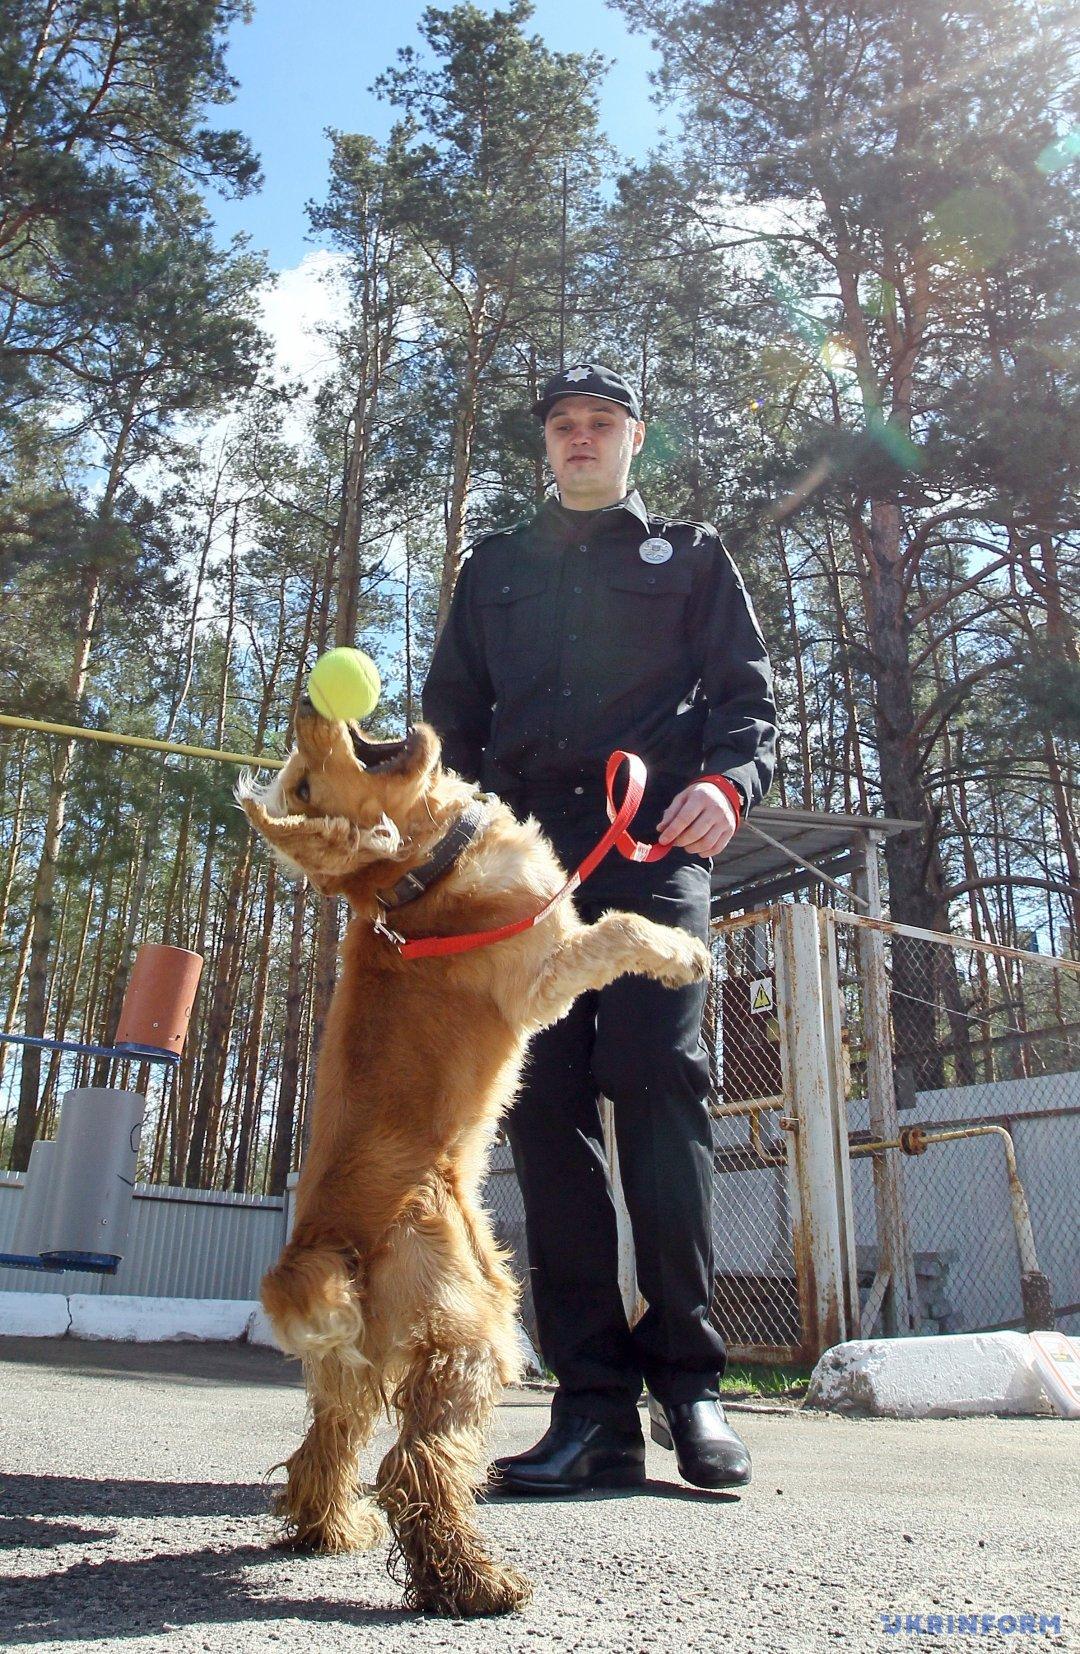 Поліцейський із пошуковим собакою Чіпом на території Кінологічного центру ГУ МВС України у Київській області, Ірпінь, Київська область, 12 квітня 2017 року. Фото: Володимир Тарасов